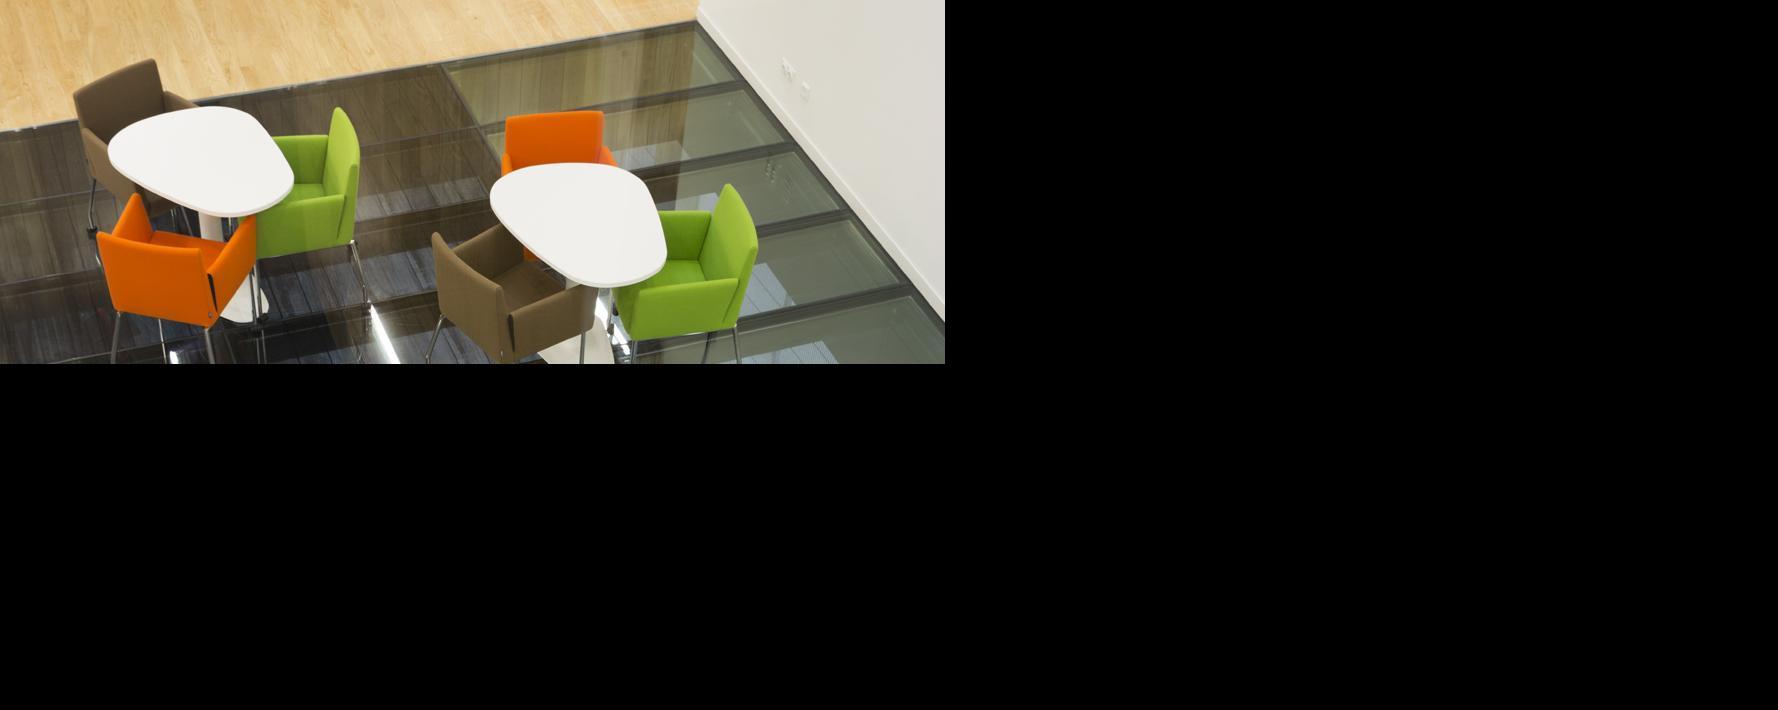 Glazen vloeren & trappen LITE-FLOOR van Saint-Gobain Building Glass